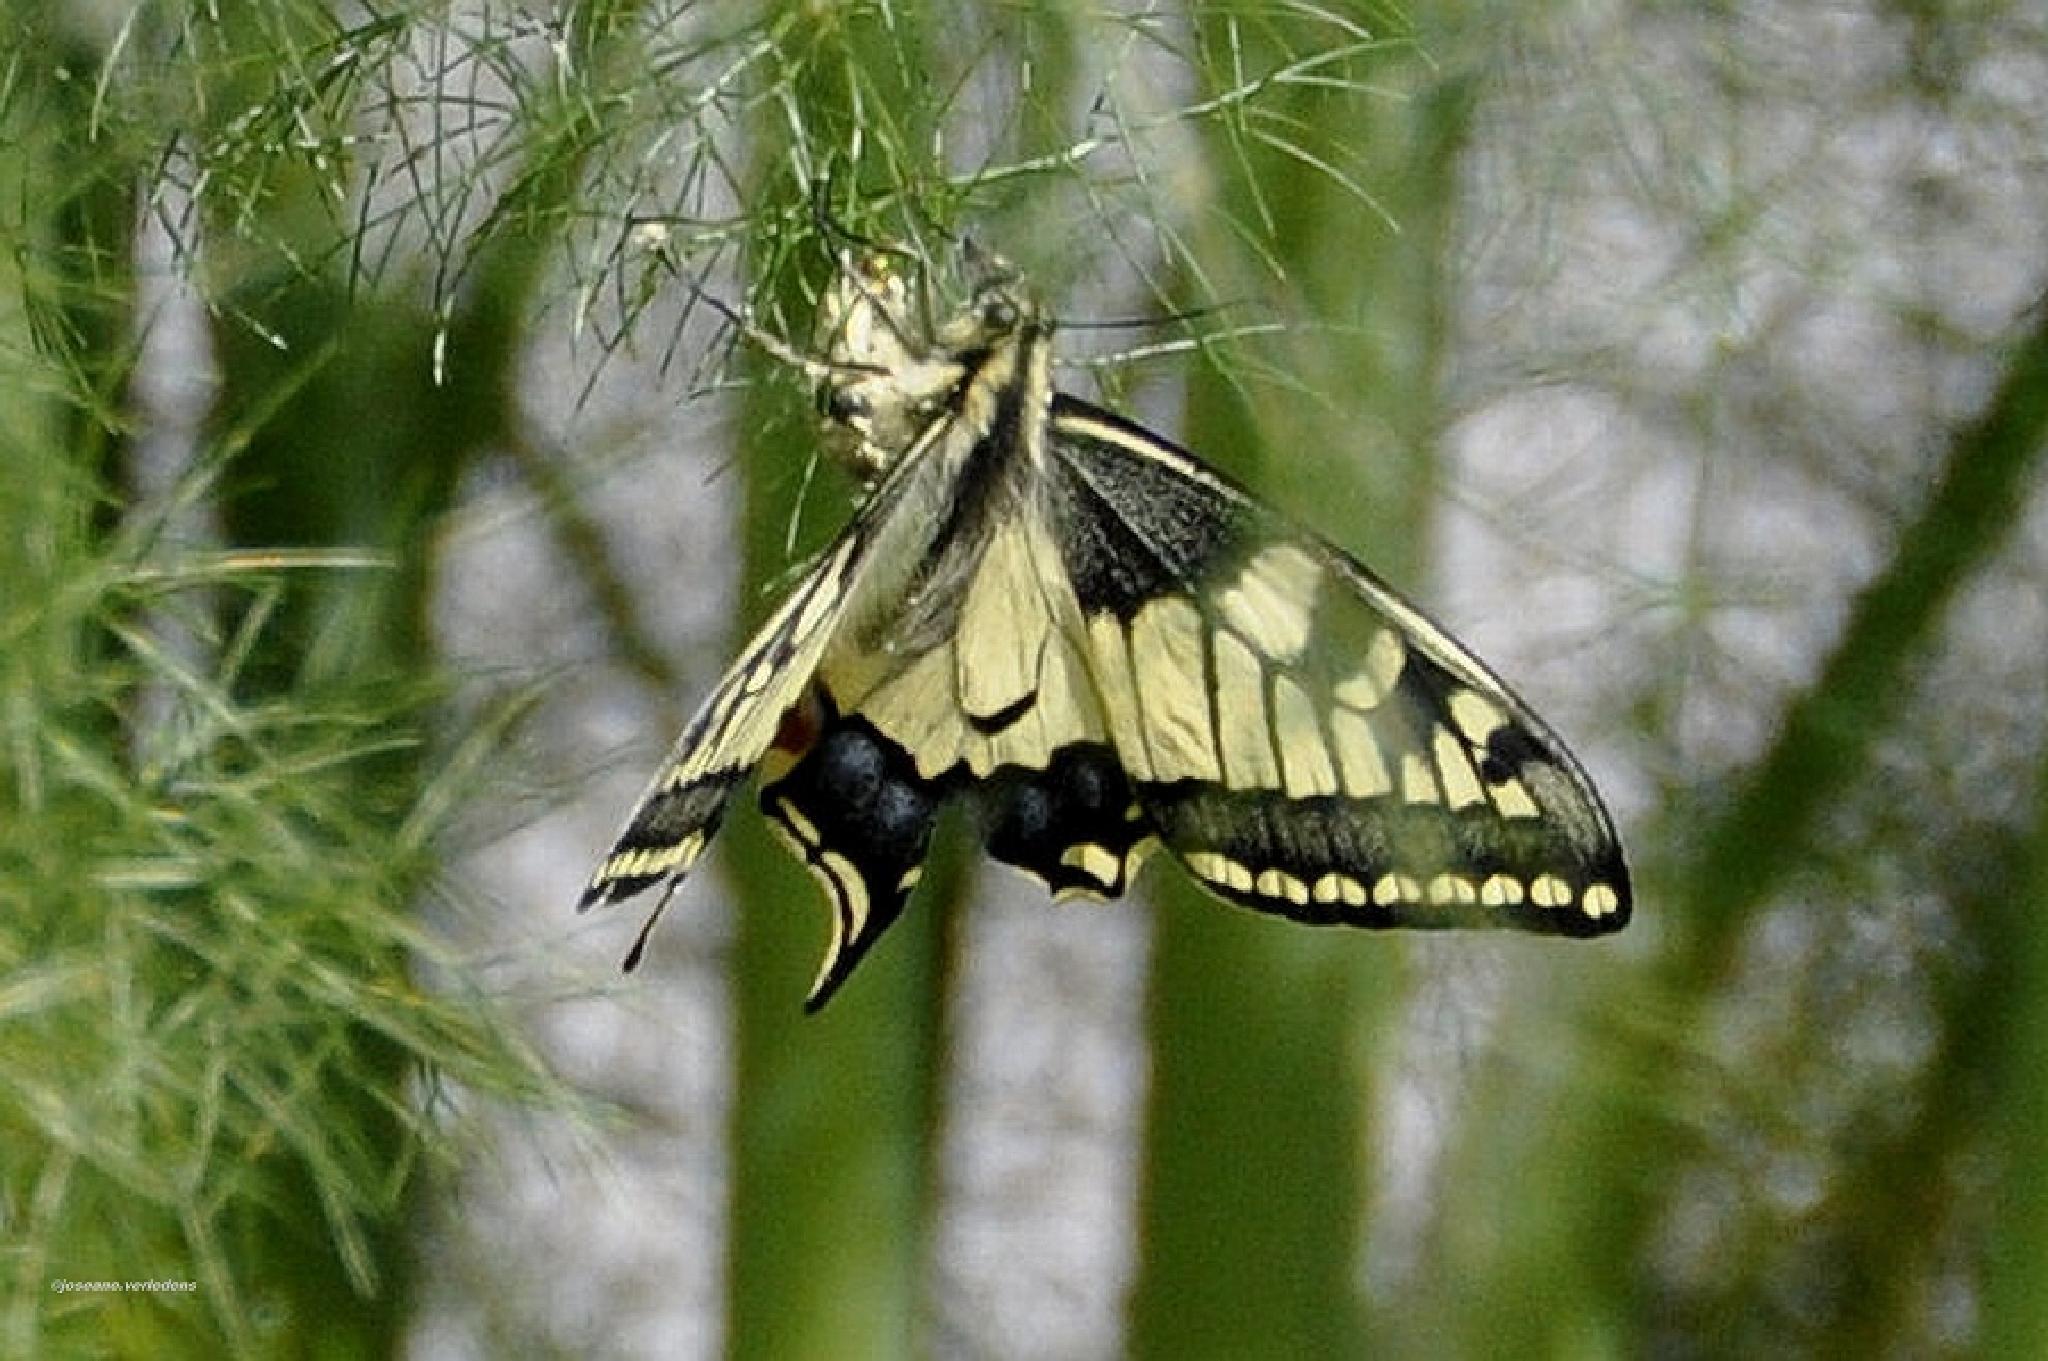 papillo machron by joseane.verledens